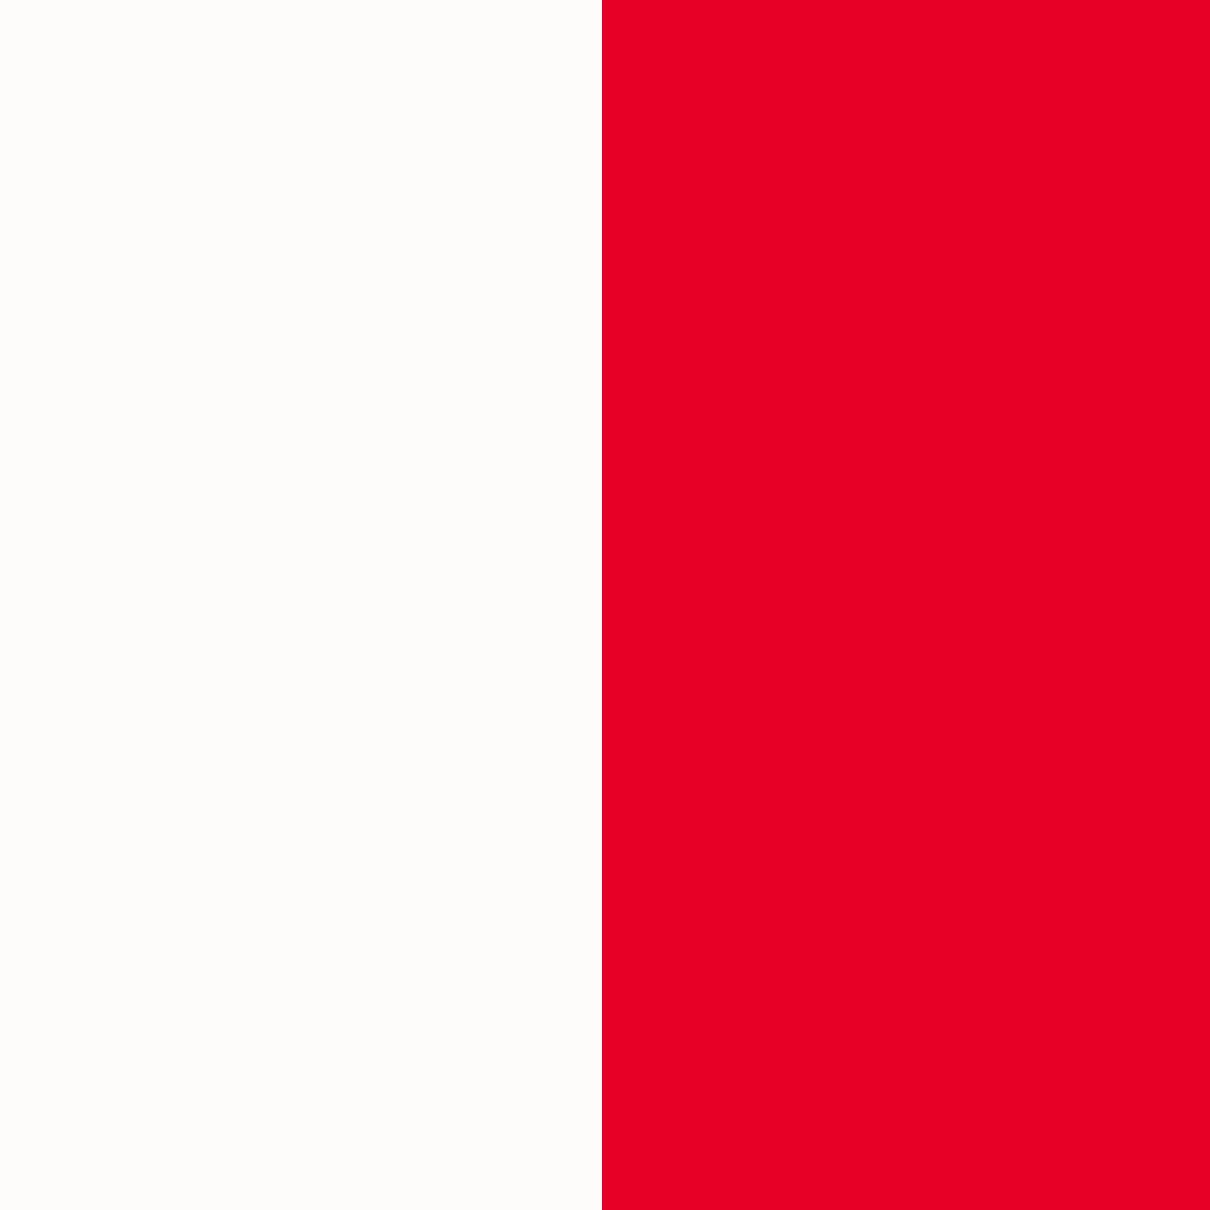 Blanco / Rojo